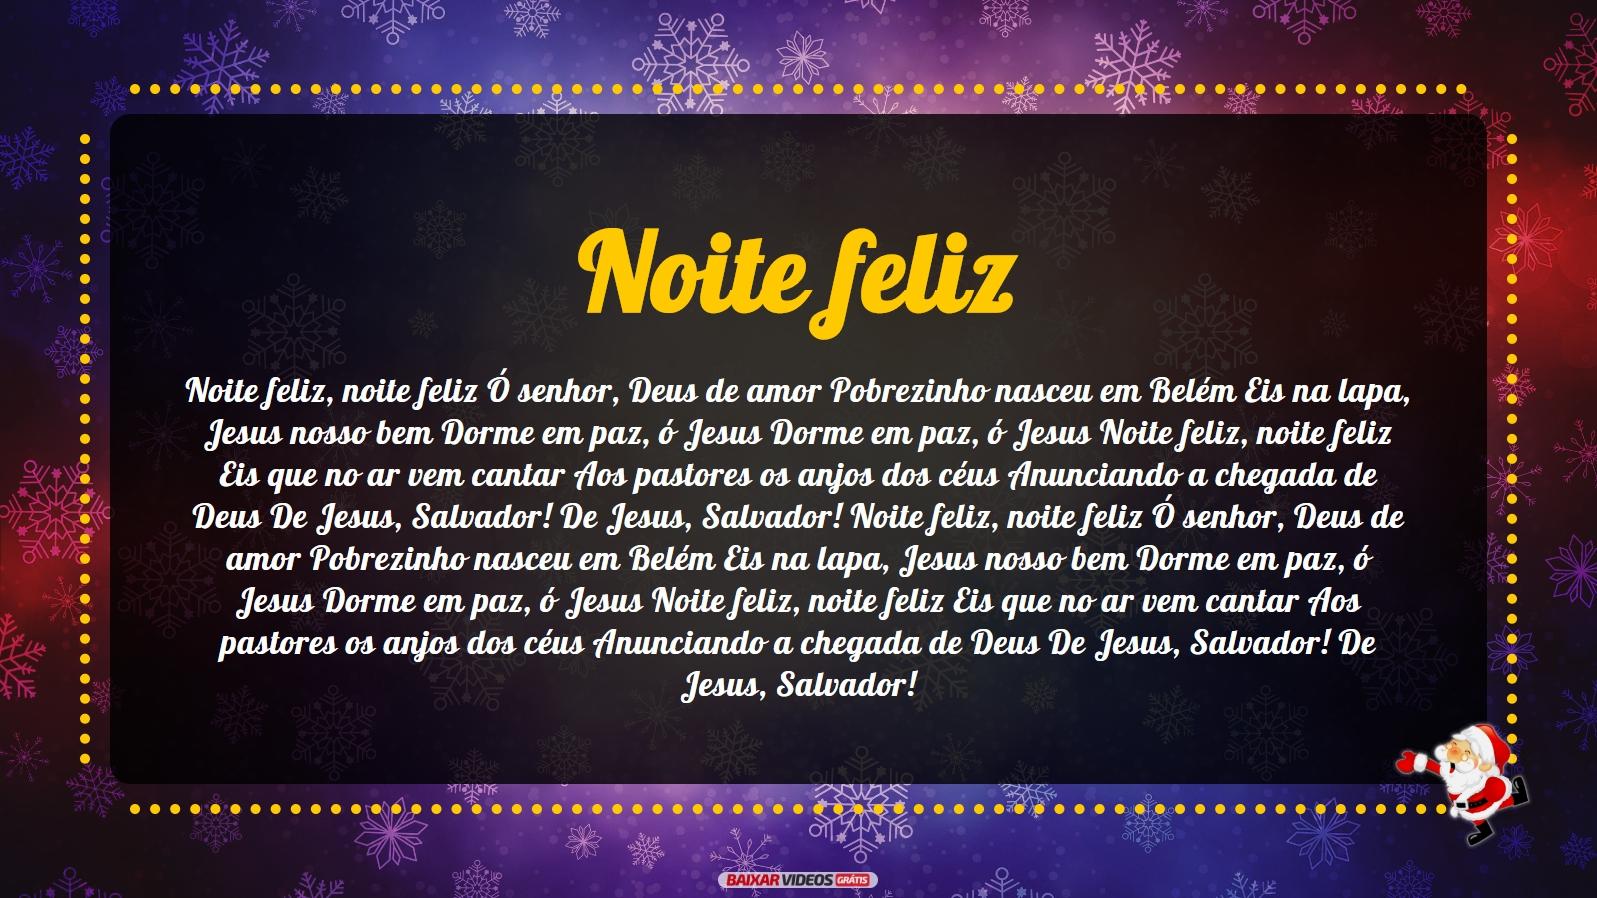 Noite feliz, noite feliz Ó senhor, Deus de amor Pobrezinho nasceu em Belém Eis na lapa, Jesus nosso bem Dorme em paz, ó Jesus Dorme em paz, ó Jesus Noite feliz, noite feliz Eis que no ar vem cantar Aos pastores os anjos dos céus Anunciando a chegada de Deus De Jesus, Salvador! De Jesus, Salvador! Noite feliz, noite feliz Ó senhor, Deus de amor Pobrezinho nasceu em Belém Eis na lapa, Jesus nosso bem Dorme em paz, ó Jesus Dorme em paz, ó Jesus Noite feliz, noite feliz Eis que no ar vem cantar Aos pastores os anjos dos céus Anunciando a chegada de Deus De Jesus, Salvador! De Jesus, Salvador!